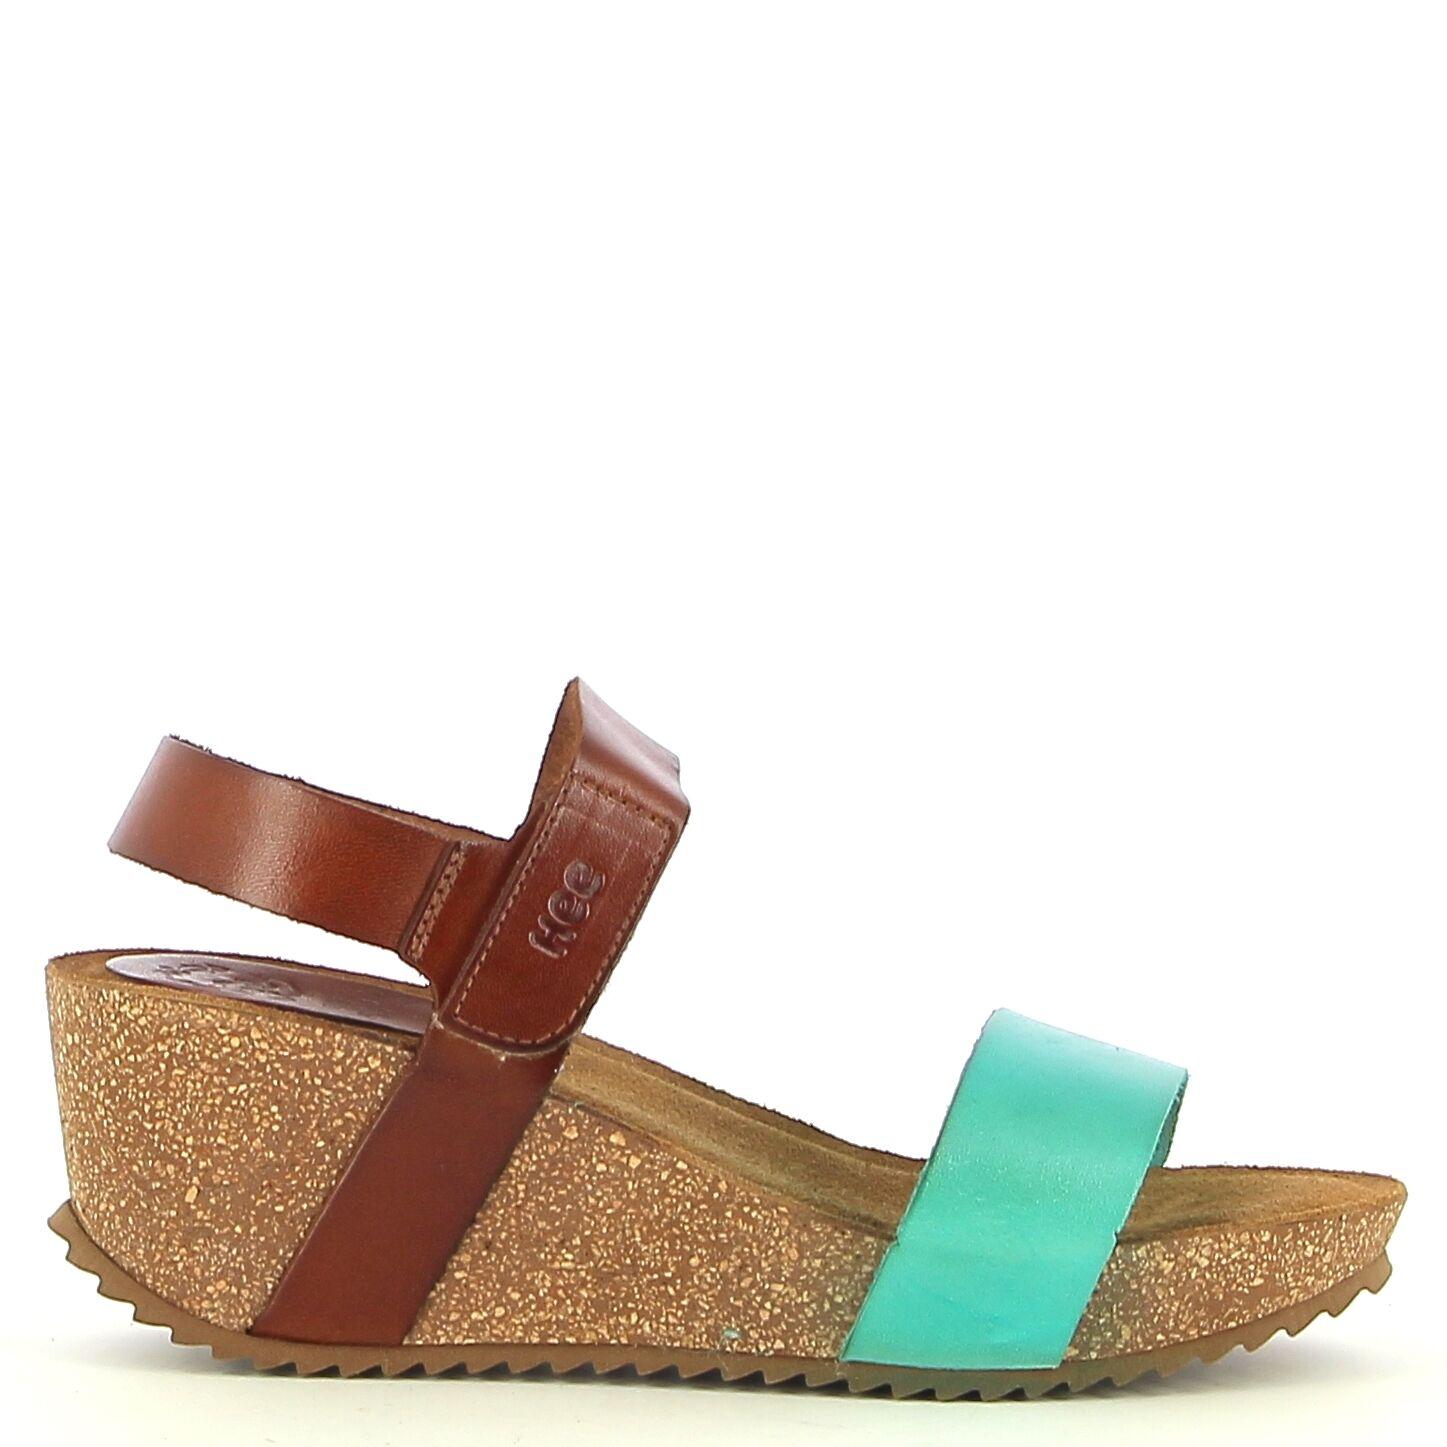 Ken Shoe Fashion - Sandales - Camel/Bleu clair